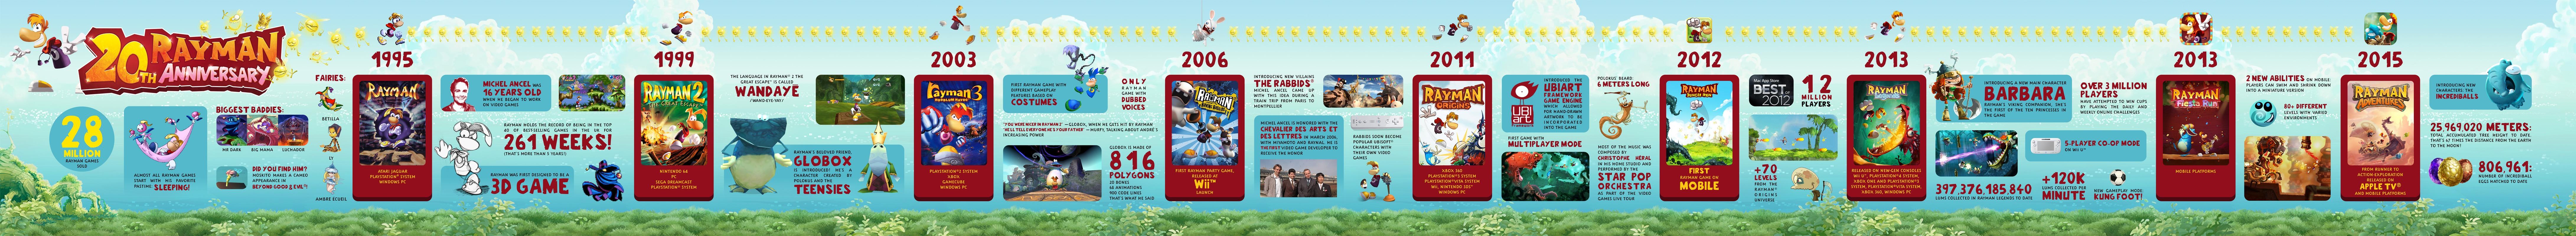 Rayman slaví 20 let. Připomeňte si v infografice historii značky 116394